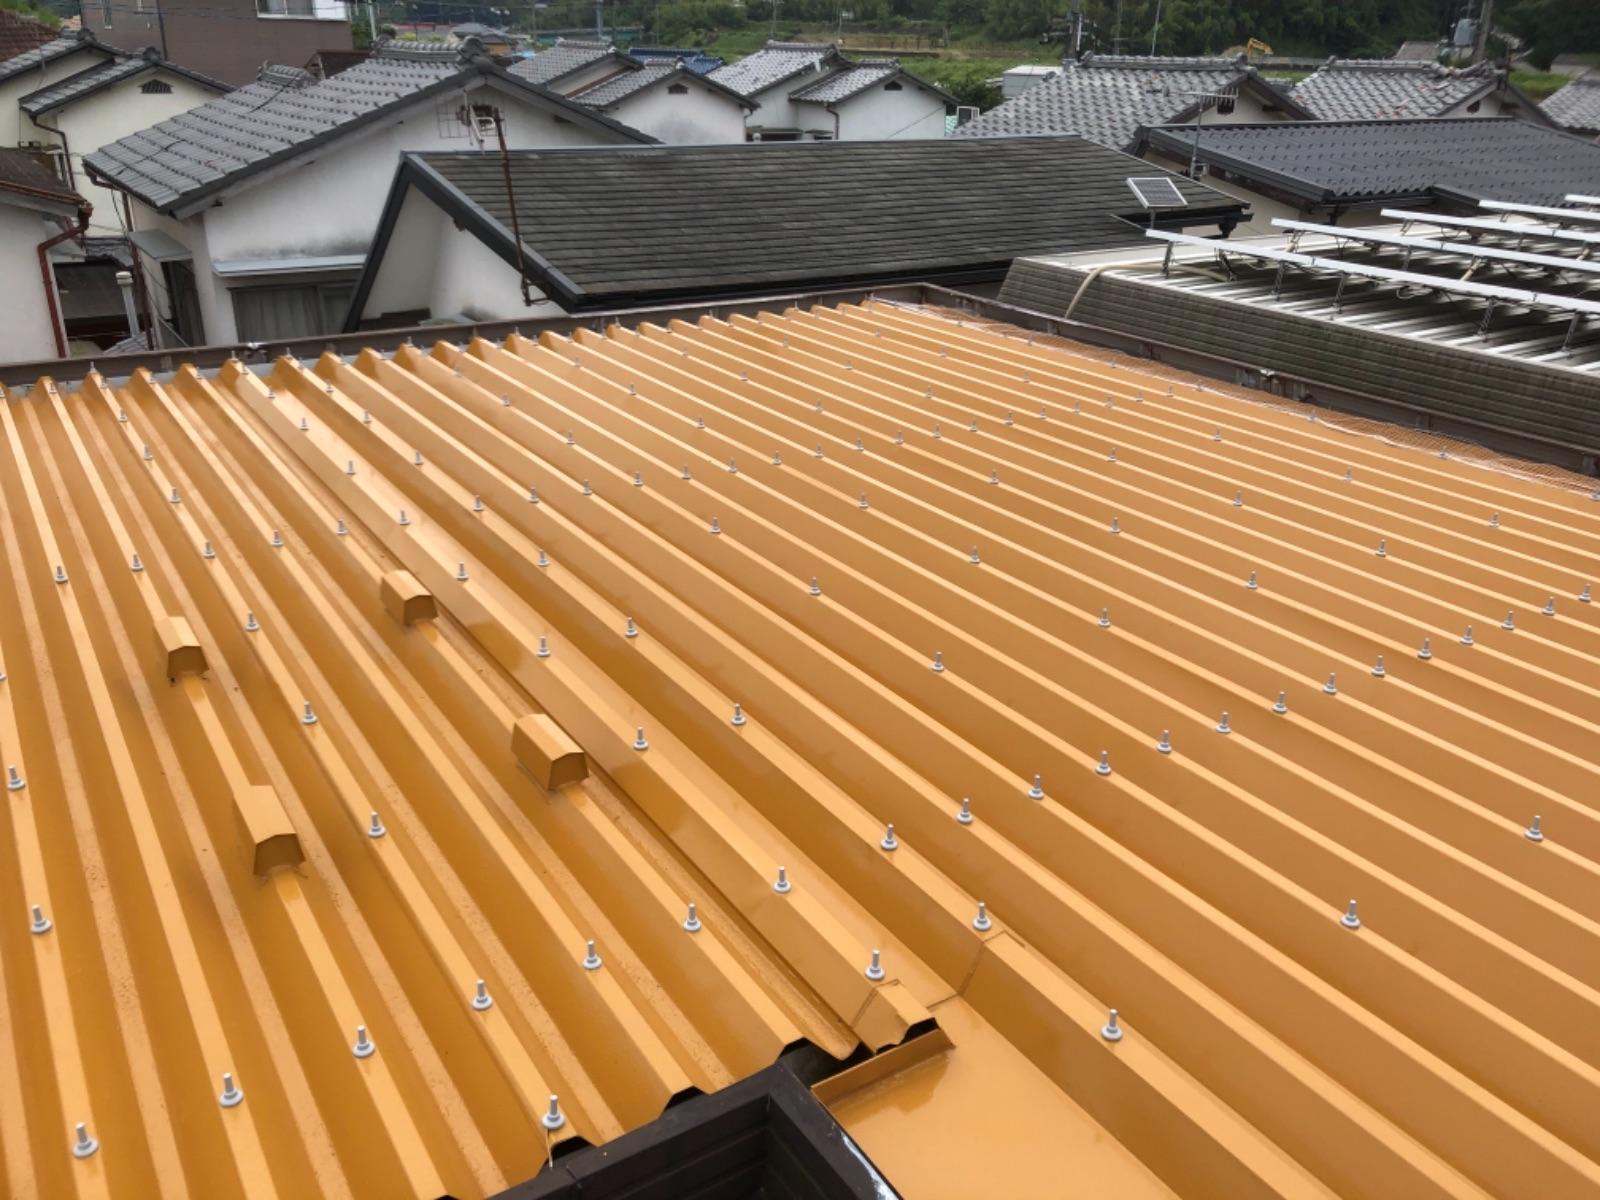 【紀の川市】M様邸 屋根塗装工事<br>『コーティングを施し、輝きと耐久性をプラス♬』